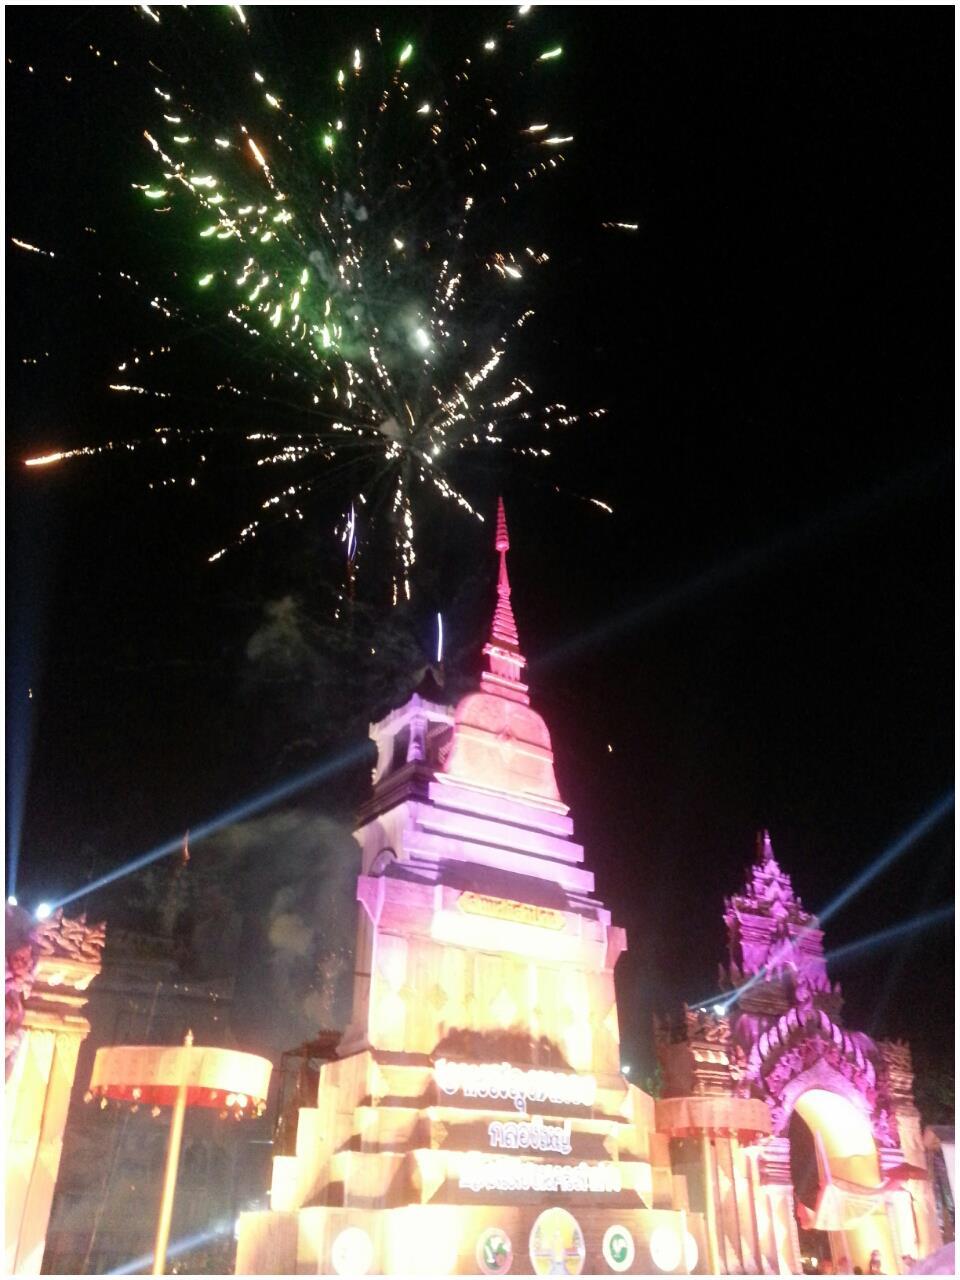 งาน สลุงหลวง กลองใหญ่ ปี๋ใหม่เมืองนครลำปาง ประจำปี 2556